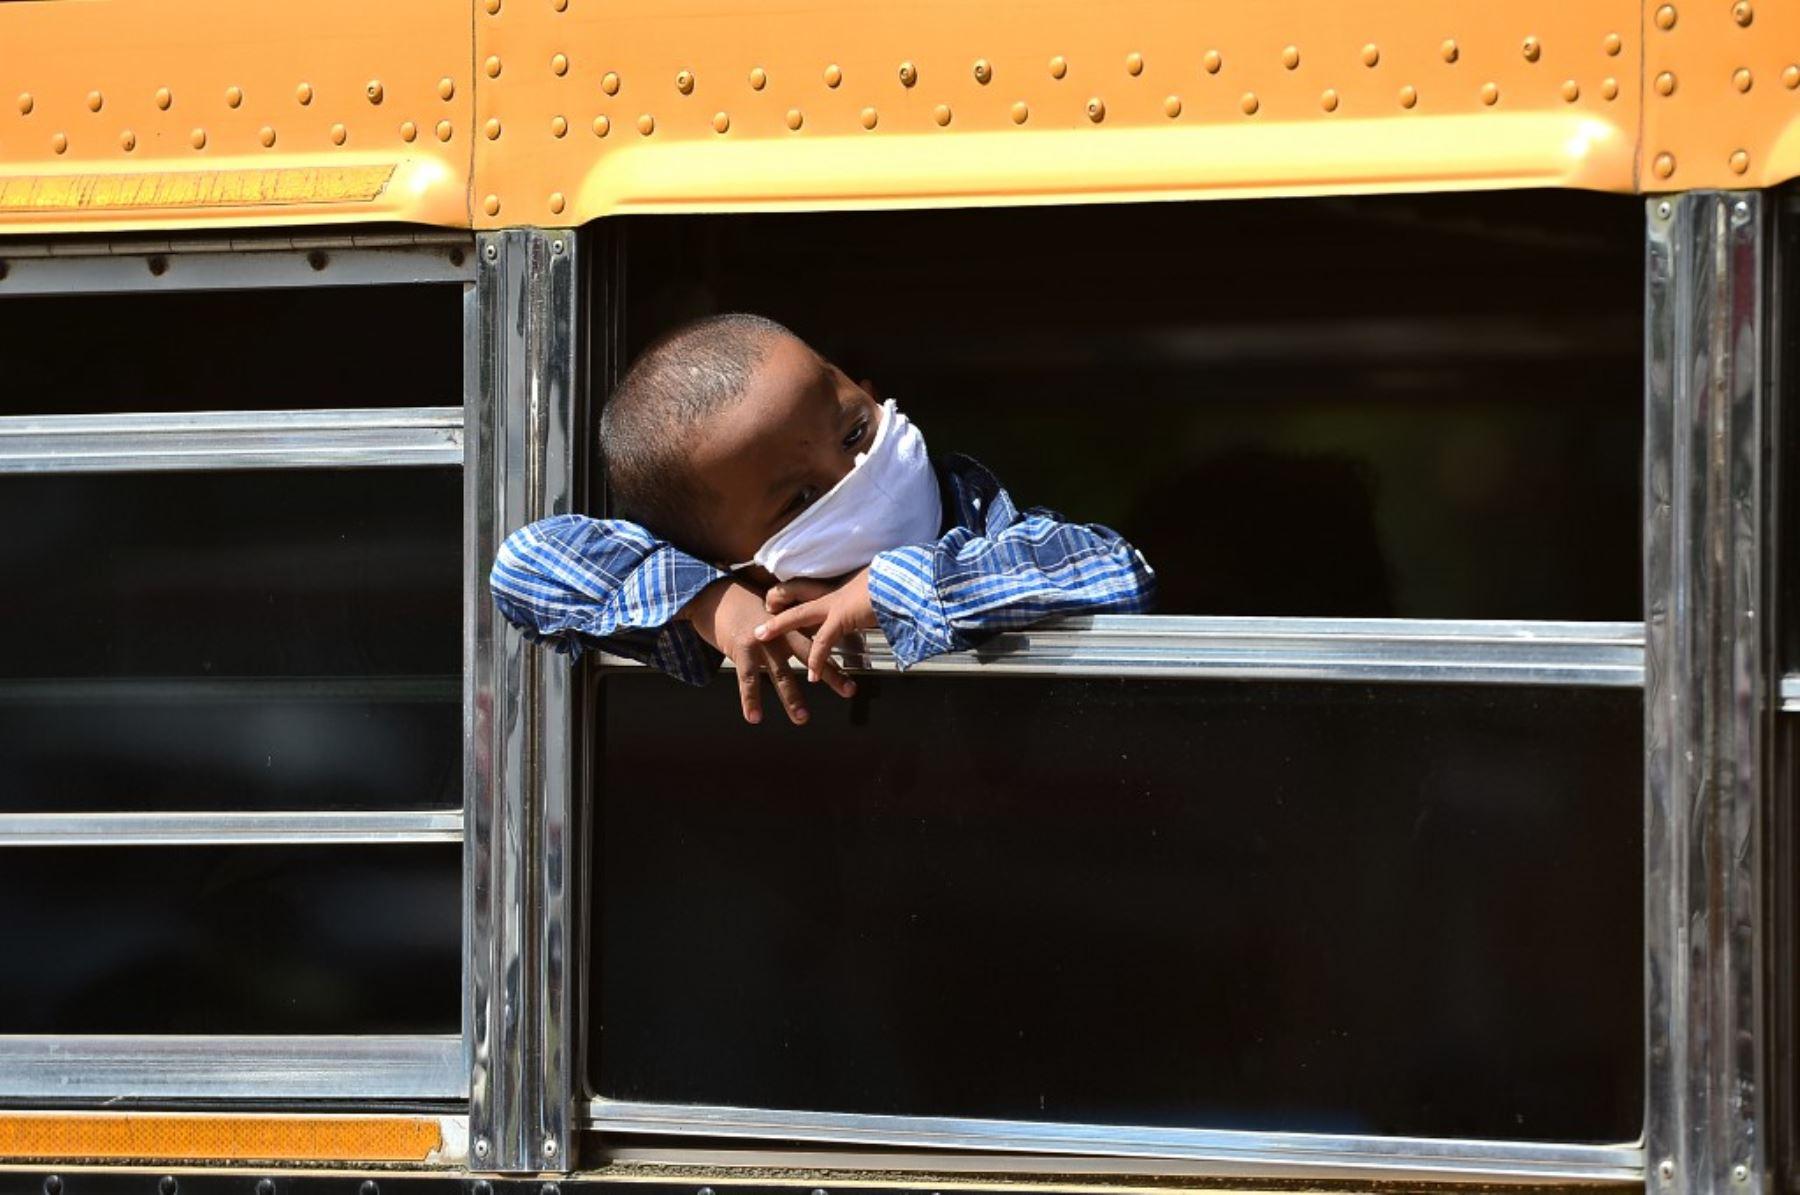 Un niño del grupo étnico miskito mira por la ventana de un autobús cuando su familia regresa a La Mosquitia debido a la pérdida de sus empleos debido a la pandemia COVID-19, en Tegucigalpa, Honduras. Foto: AFP